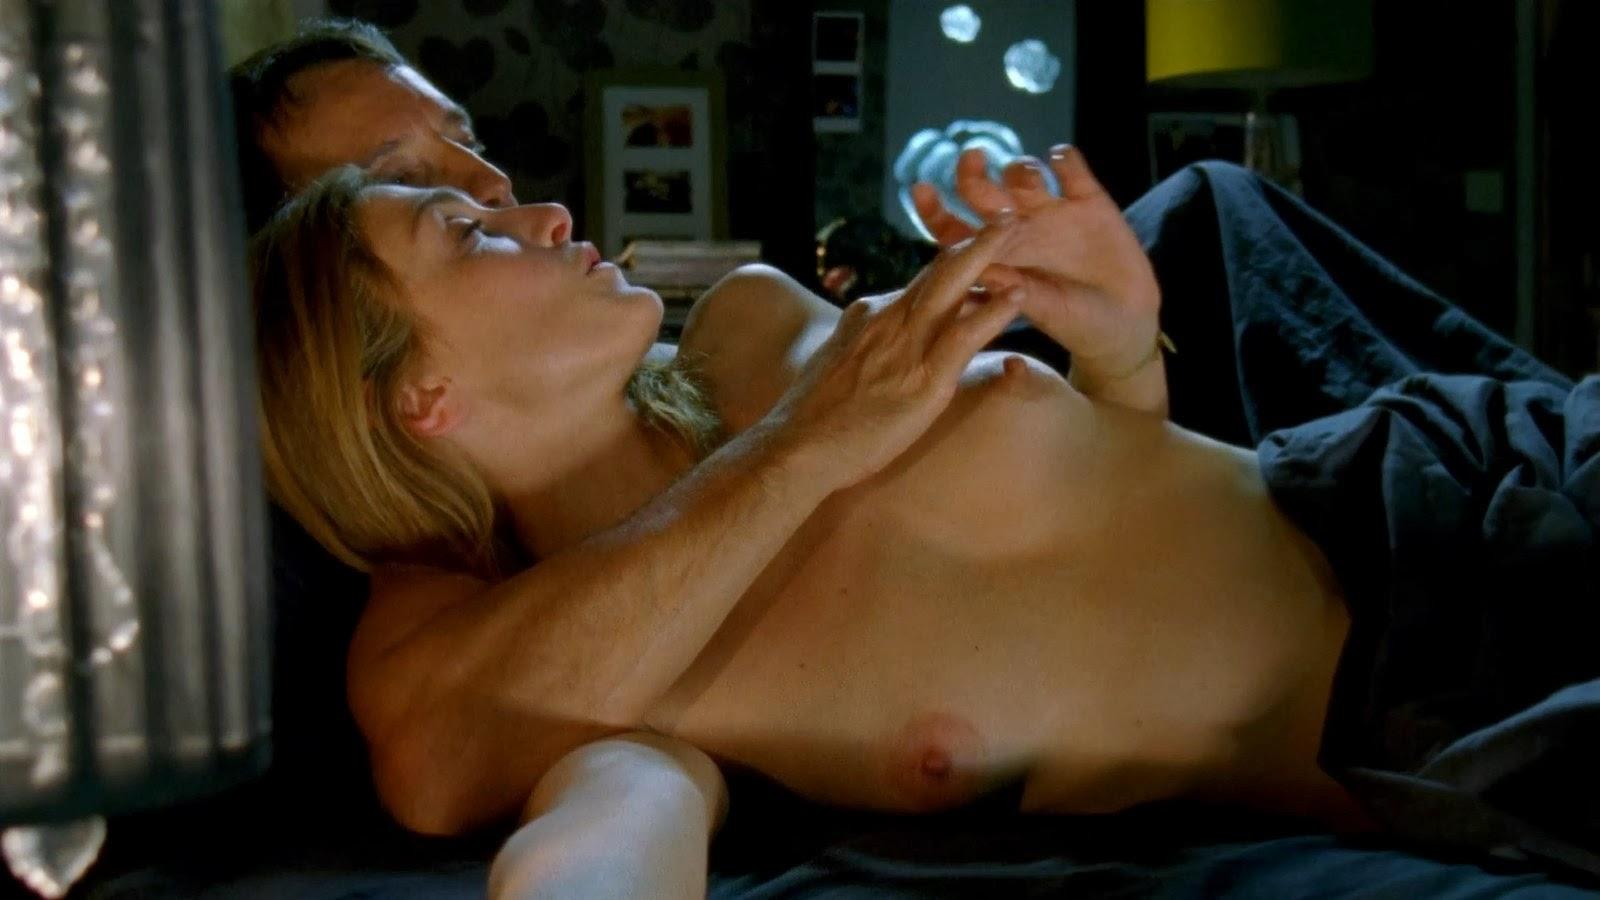 image Julie gayet nude sans laisser de traces 2010